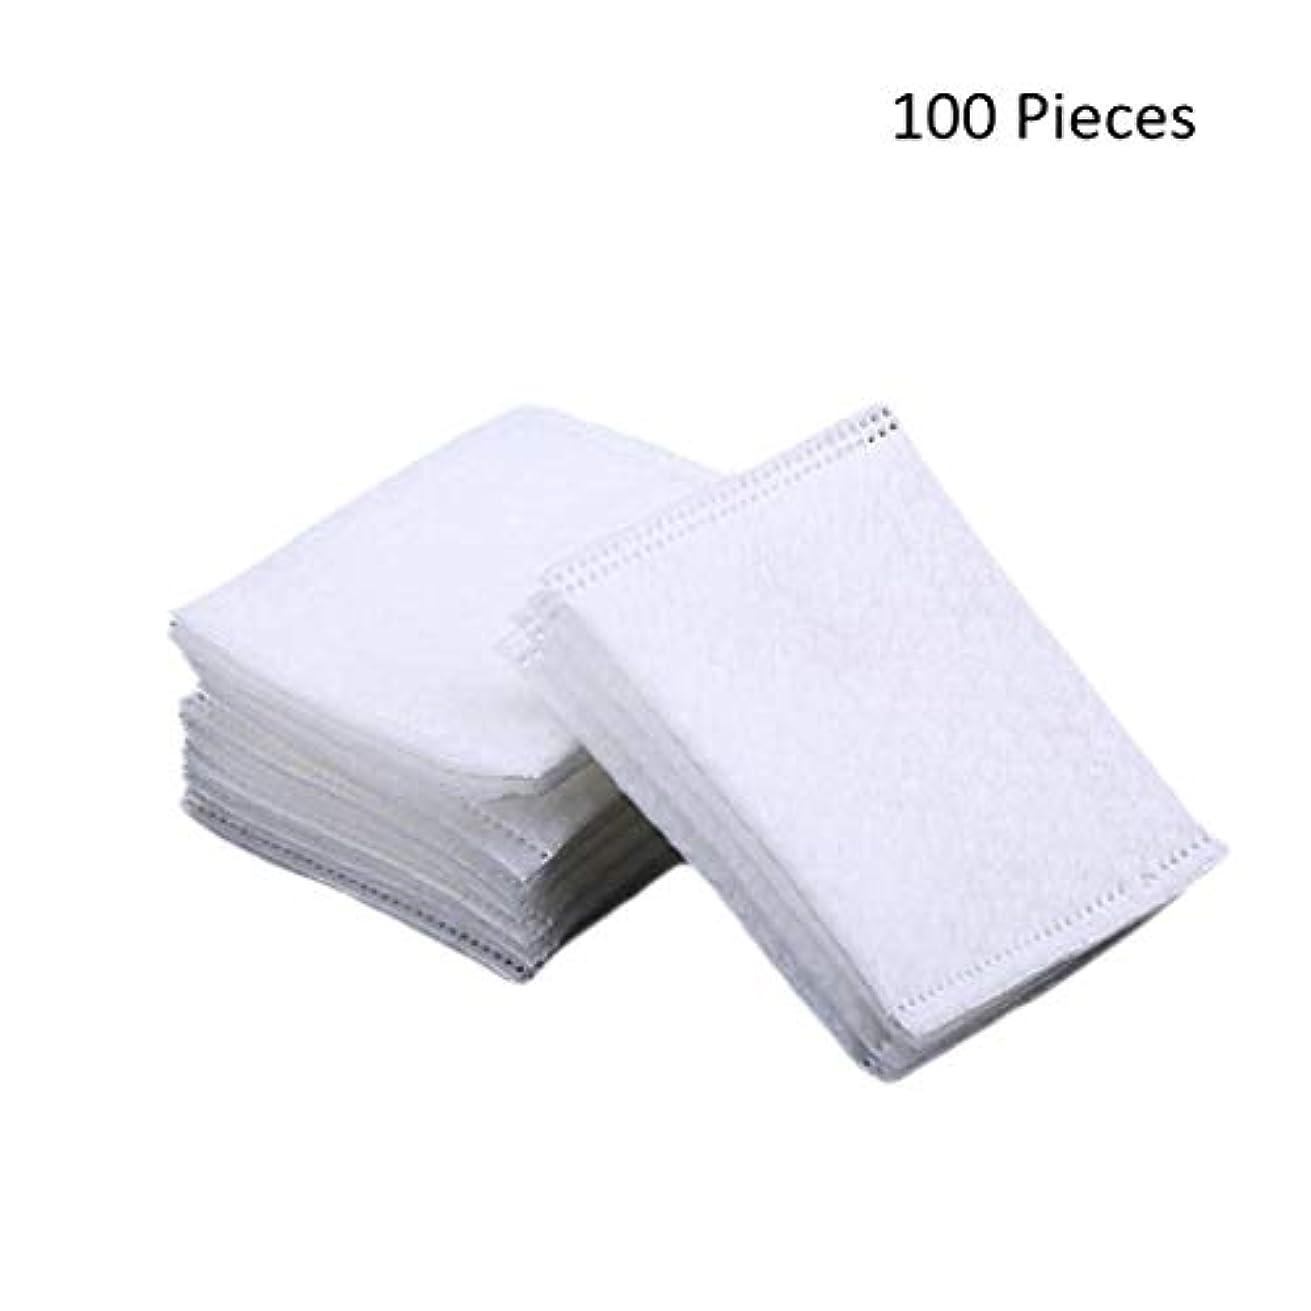 推進力毛細血管無謀50/100/220ピースダブルサイドフェイスメイクアップリムーバーコットンパッド密封旅行削除コットンパッドスキン化粧品メイクアップツール (Color : White, サイズ : 100 Pieces)